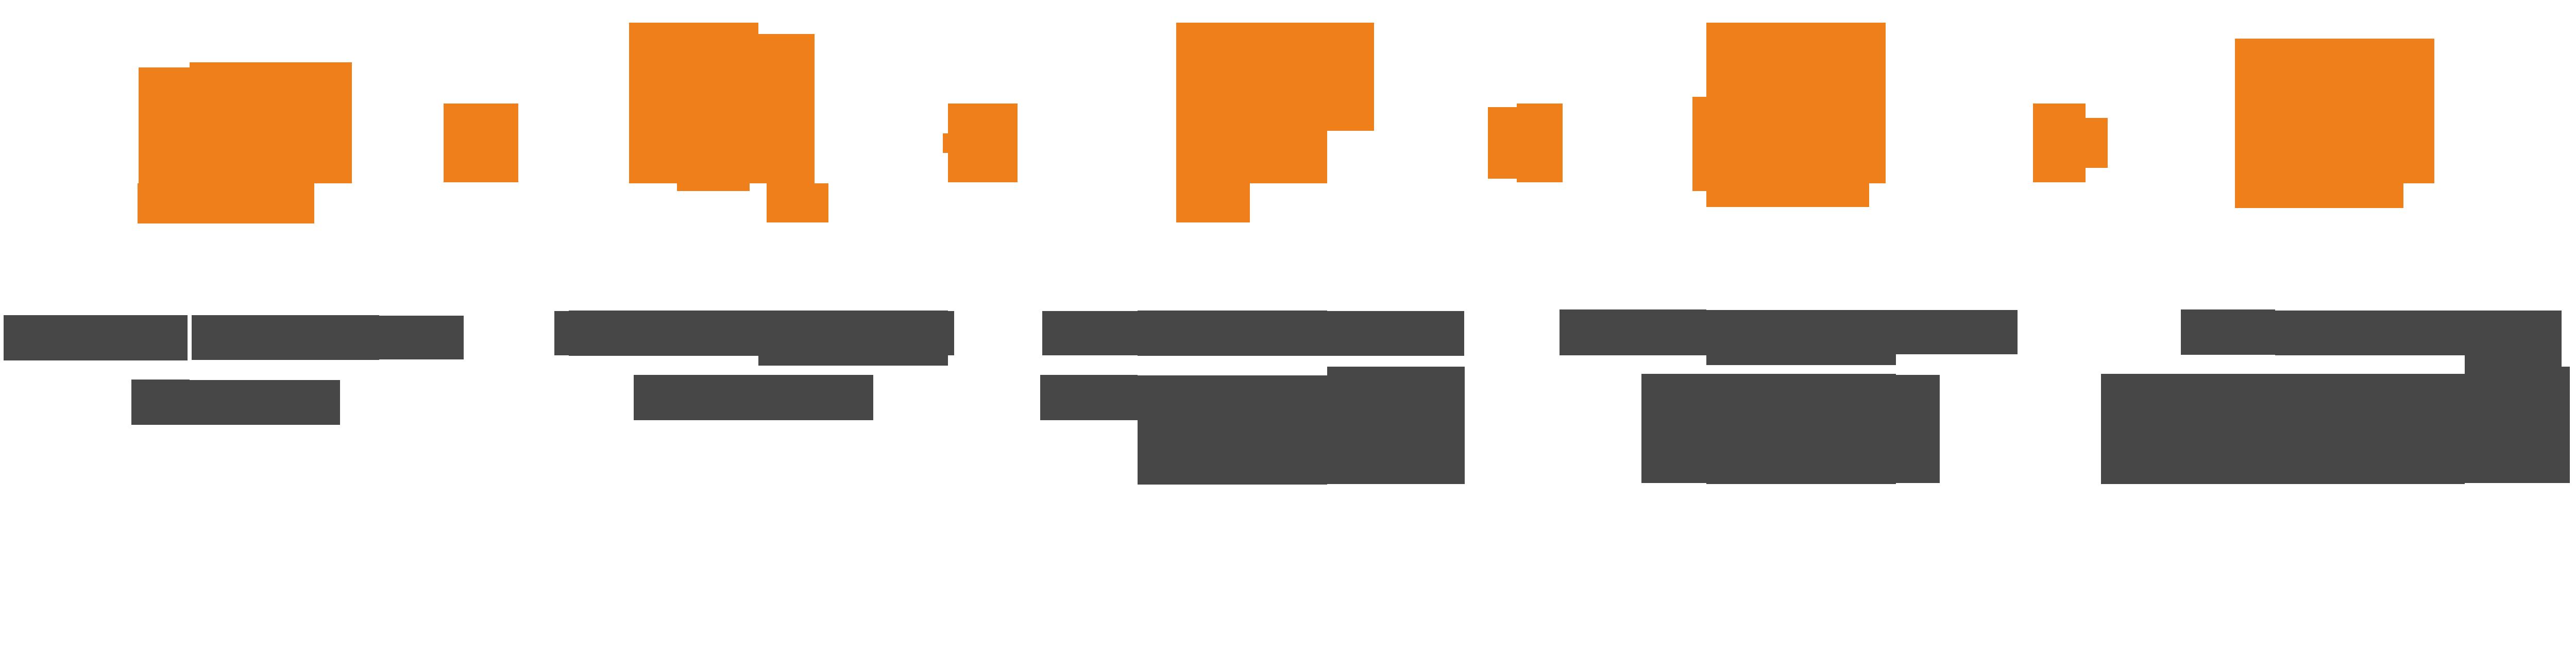 Как мы работаем? Кузовной центр GutWagen в Нижнем Новгороде